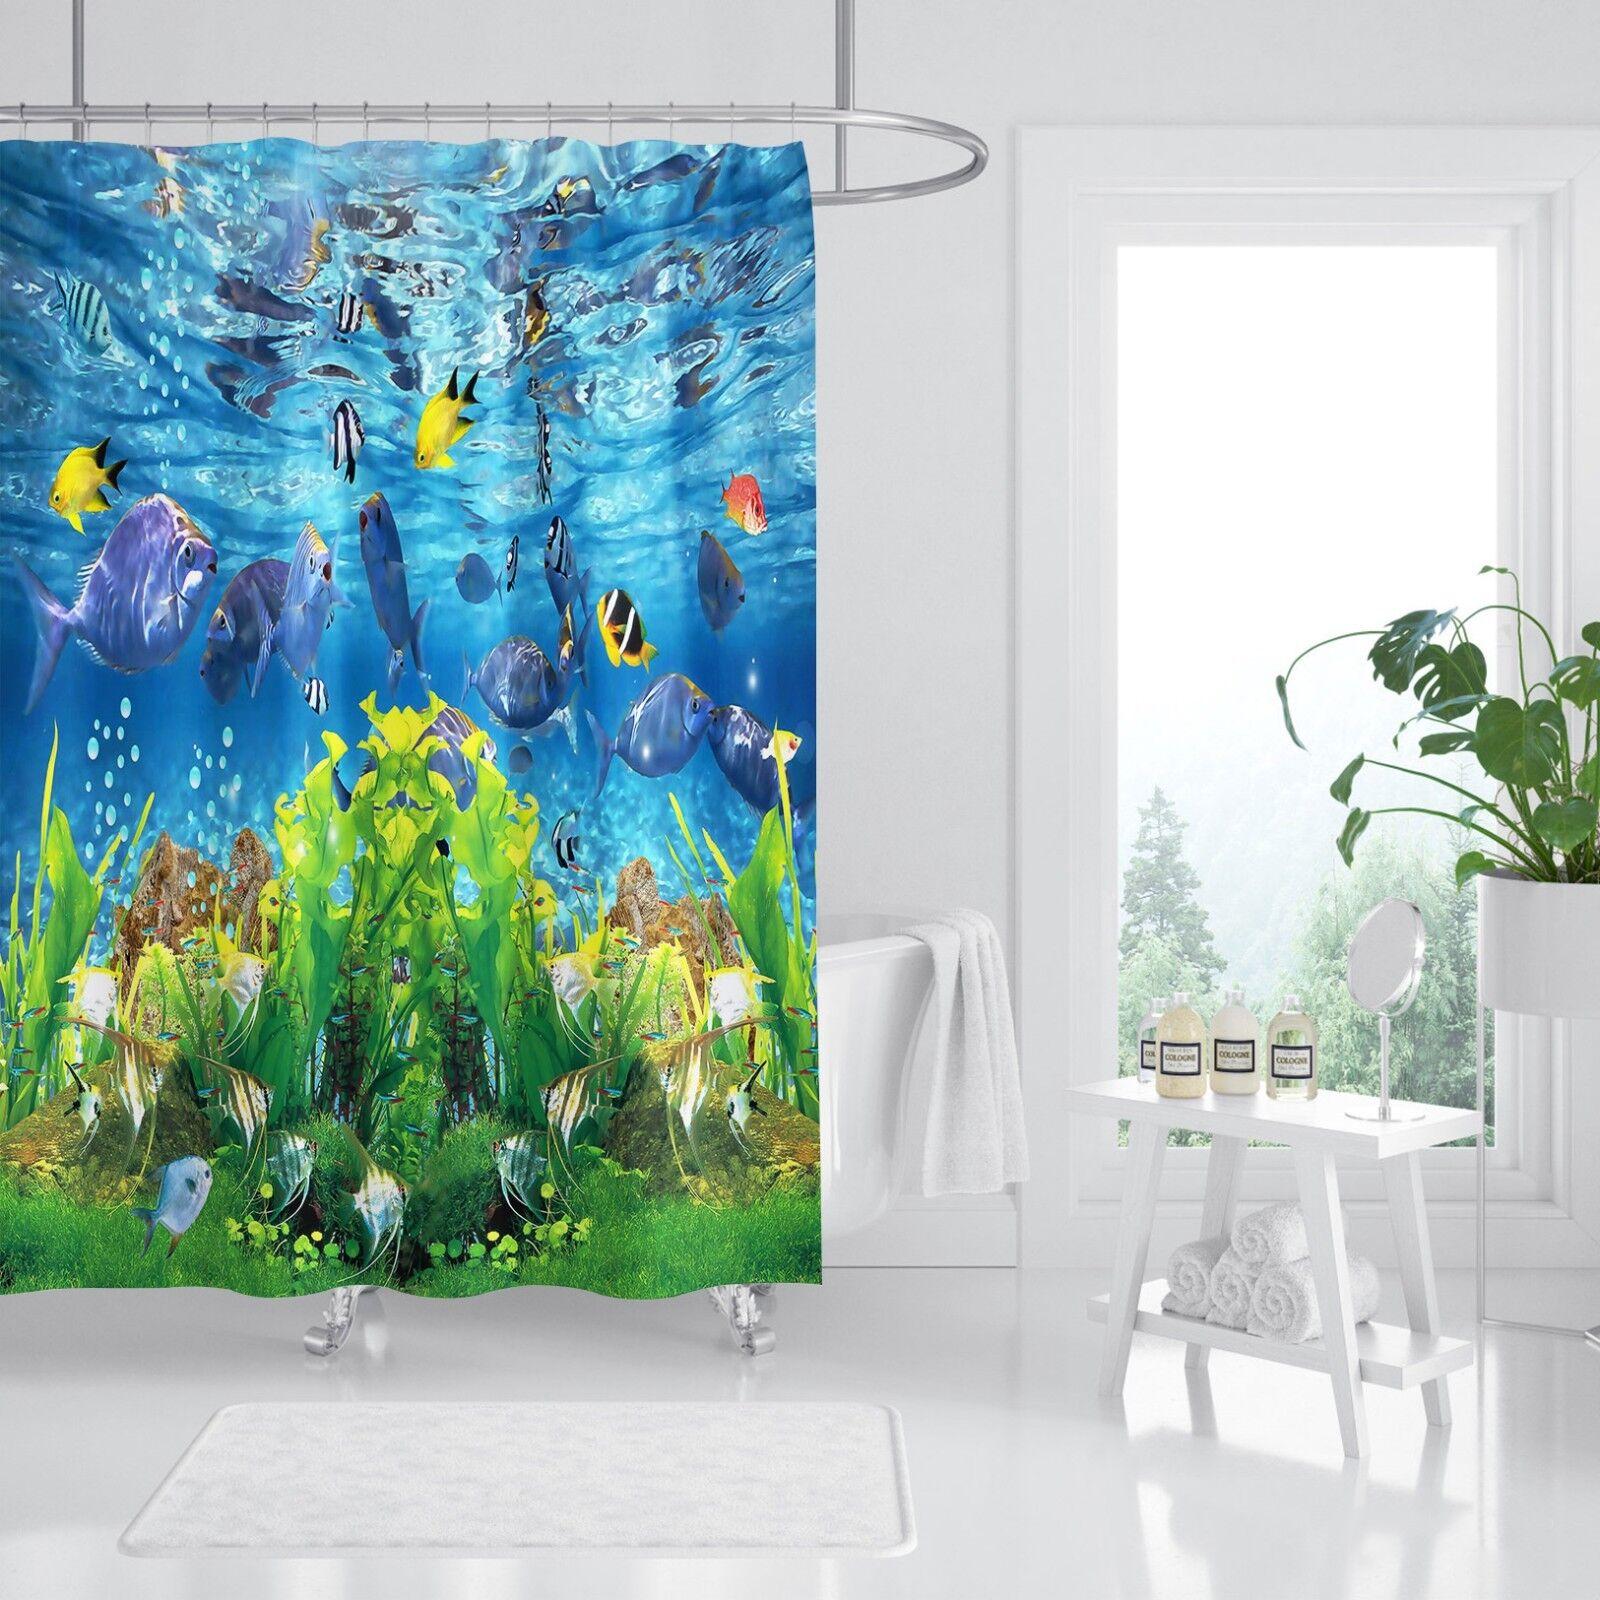 3D Delphin Fisch 2 Duschvorhang Wasserdicht Faser Bad Bad Bad Daheim Windows Toilette DE   Erste Kunden Eine Vollständige Palette Von Spezifikationen  408295